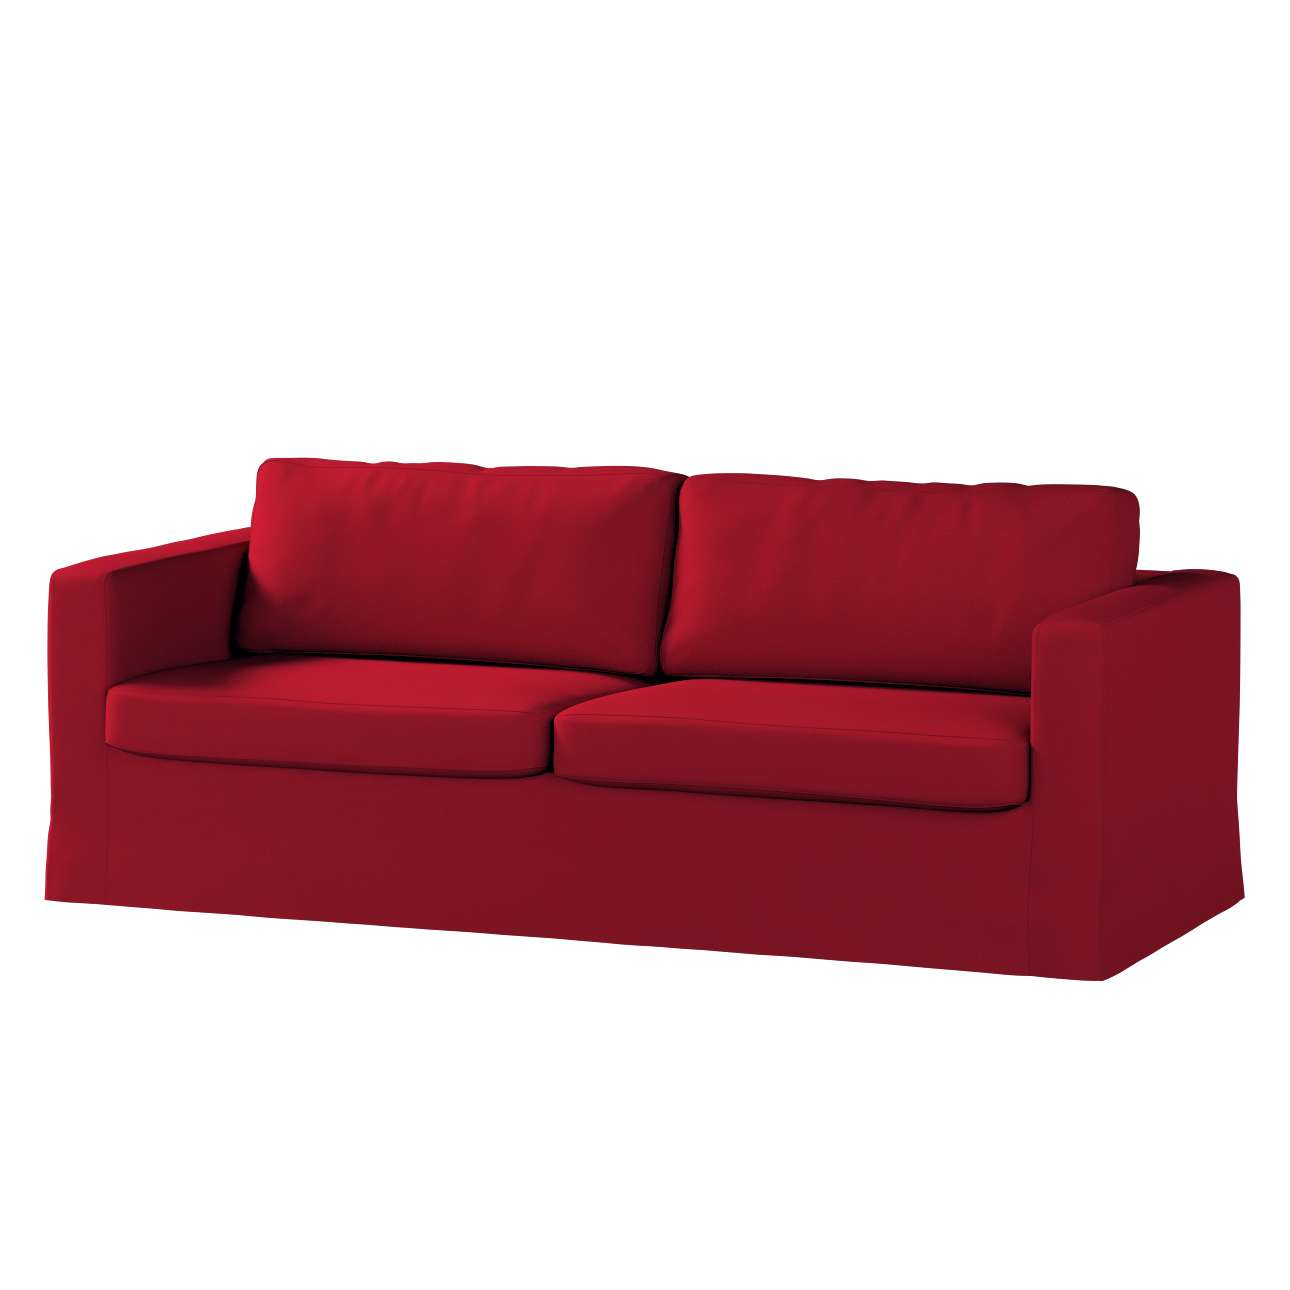 Karlstad trivietės sofos užvalkalas (ilgas, iki žemės) Karlstad trivietės sofos užvalkalas (ilgas, iki žemės) kolekcijoje Etna , audinys: 705-60